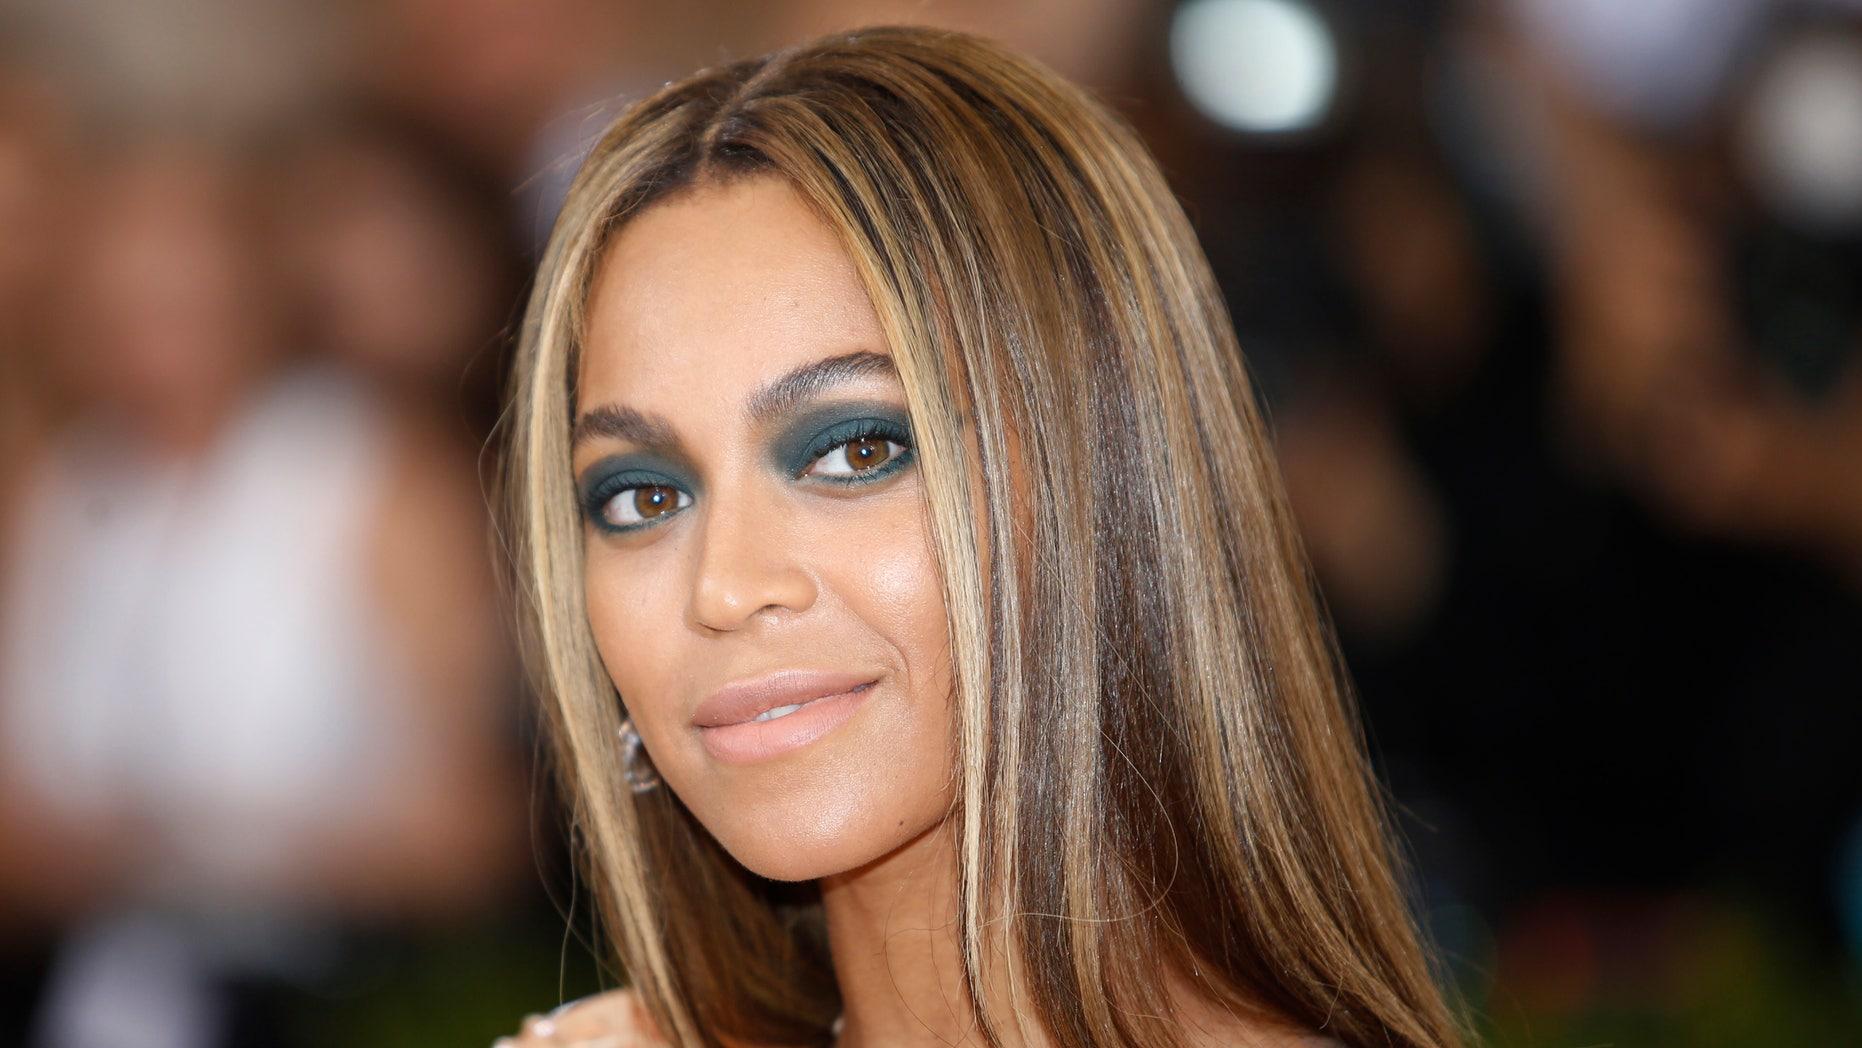 Singer-Songwriter Beyonce Knowles arrives at the Metropolitan Museum of Art Costume Institute Gala (Met Gala) in New York, May 2, 2016.